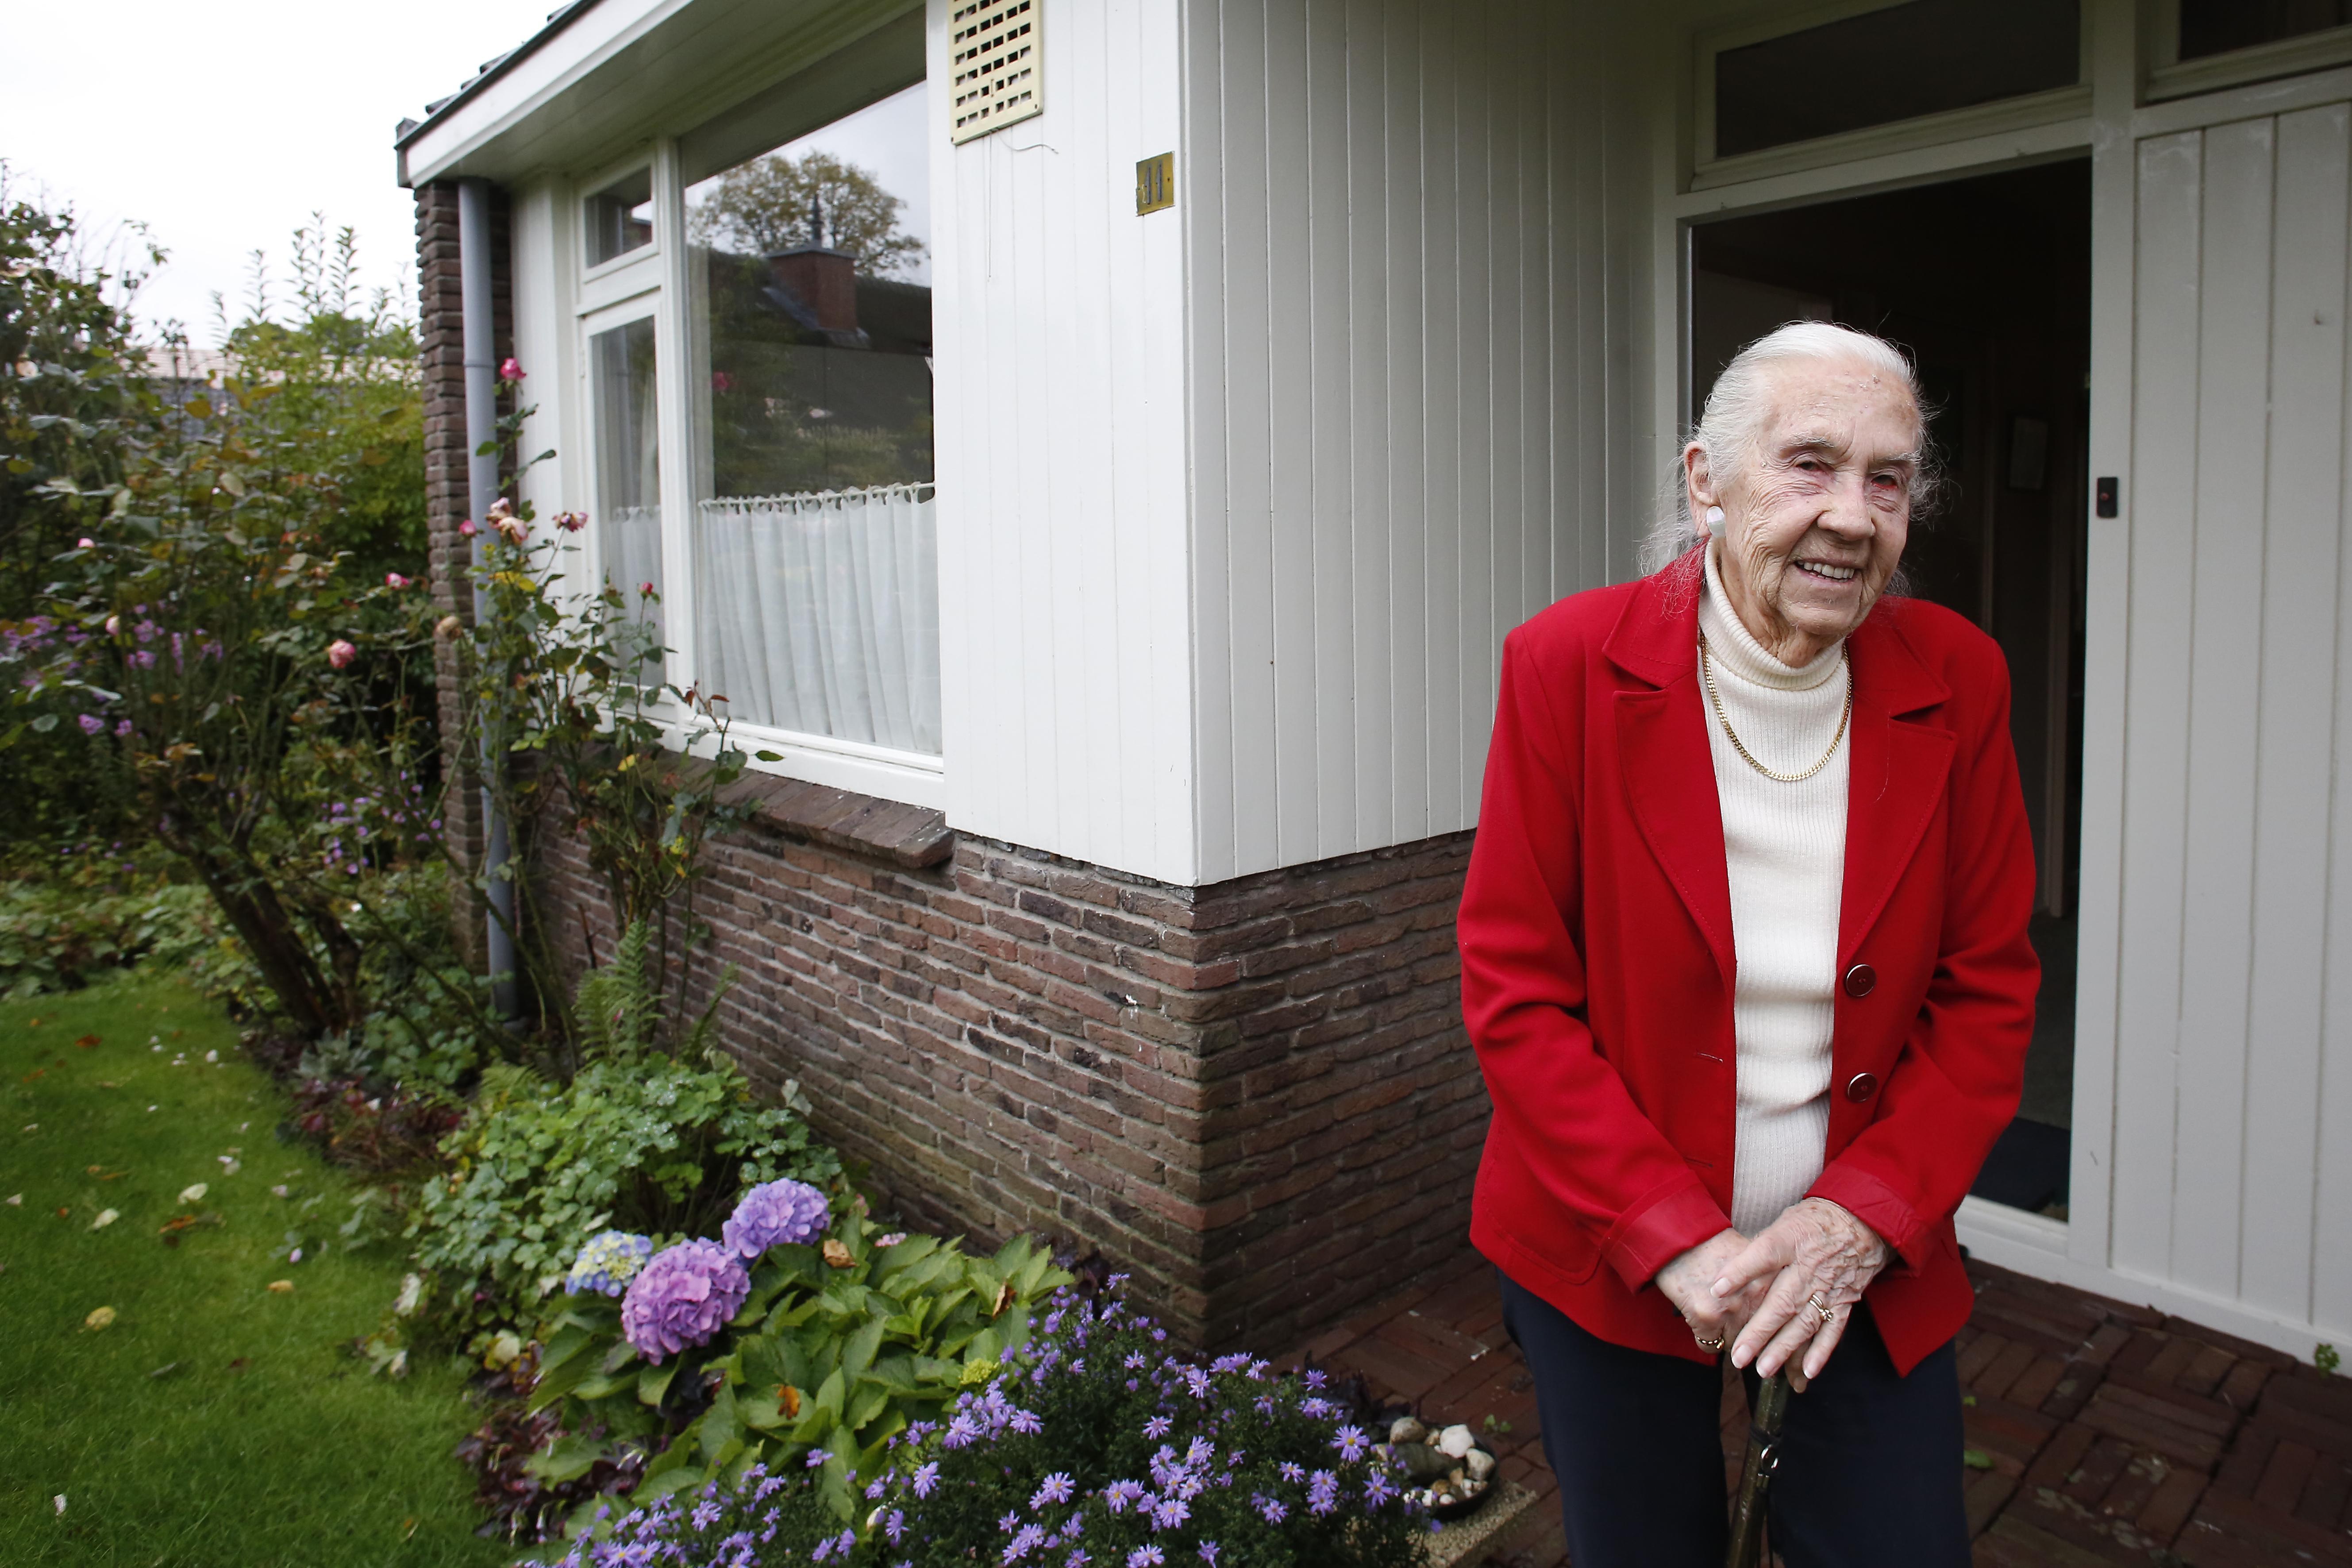 Rita van Greuningen (94) dreigt uit haar huis gezet te worden: 'Maar ik ga hier niet weg, klaar uit'. De zeeën gaan hoog rond de renovatie van dertig Blaricumse seniorenwoninkjes